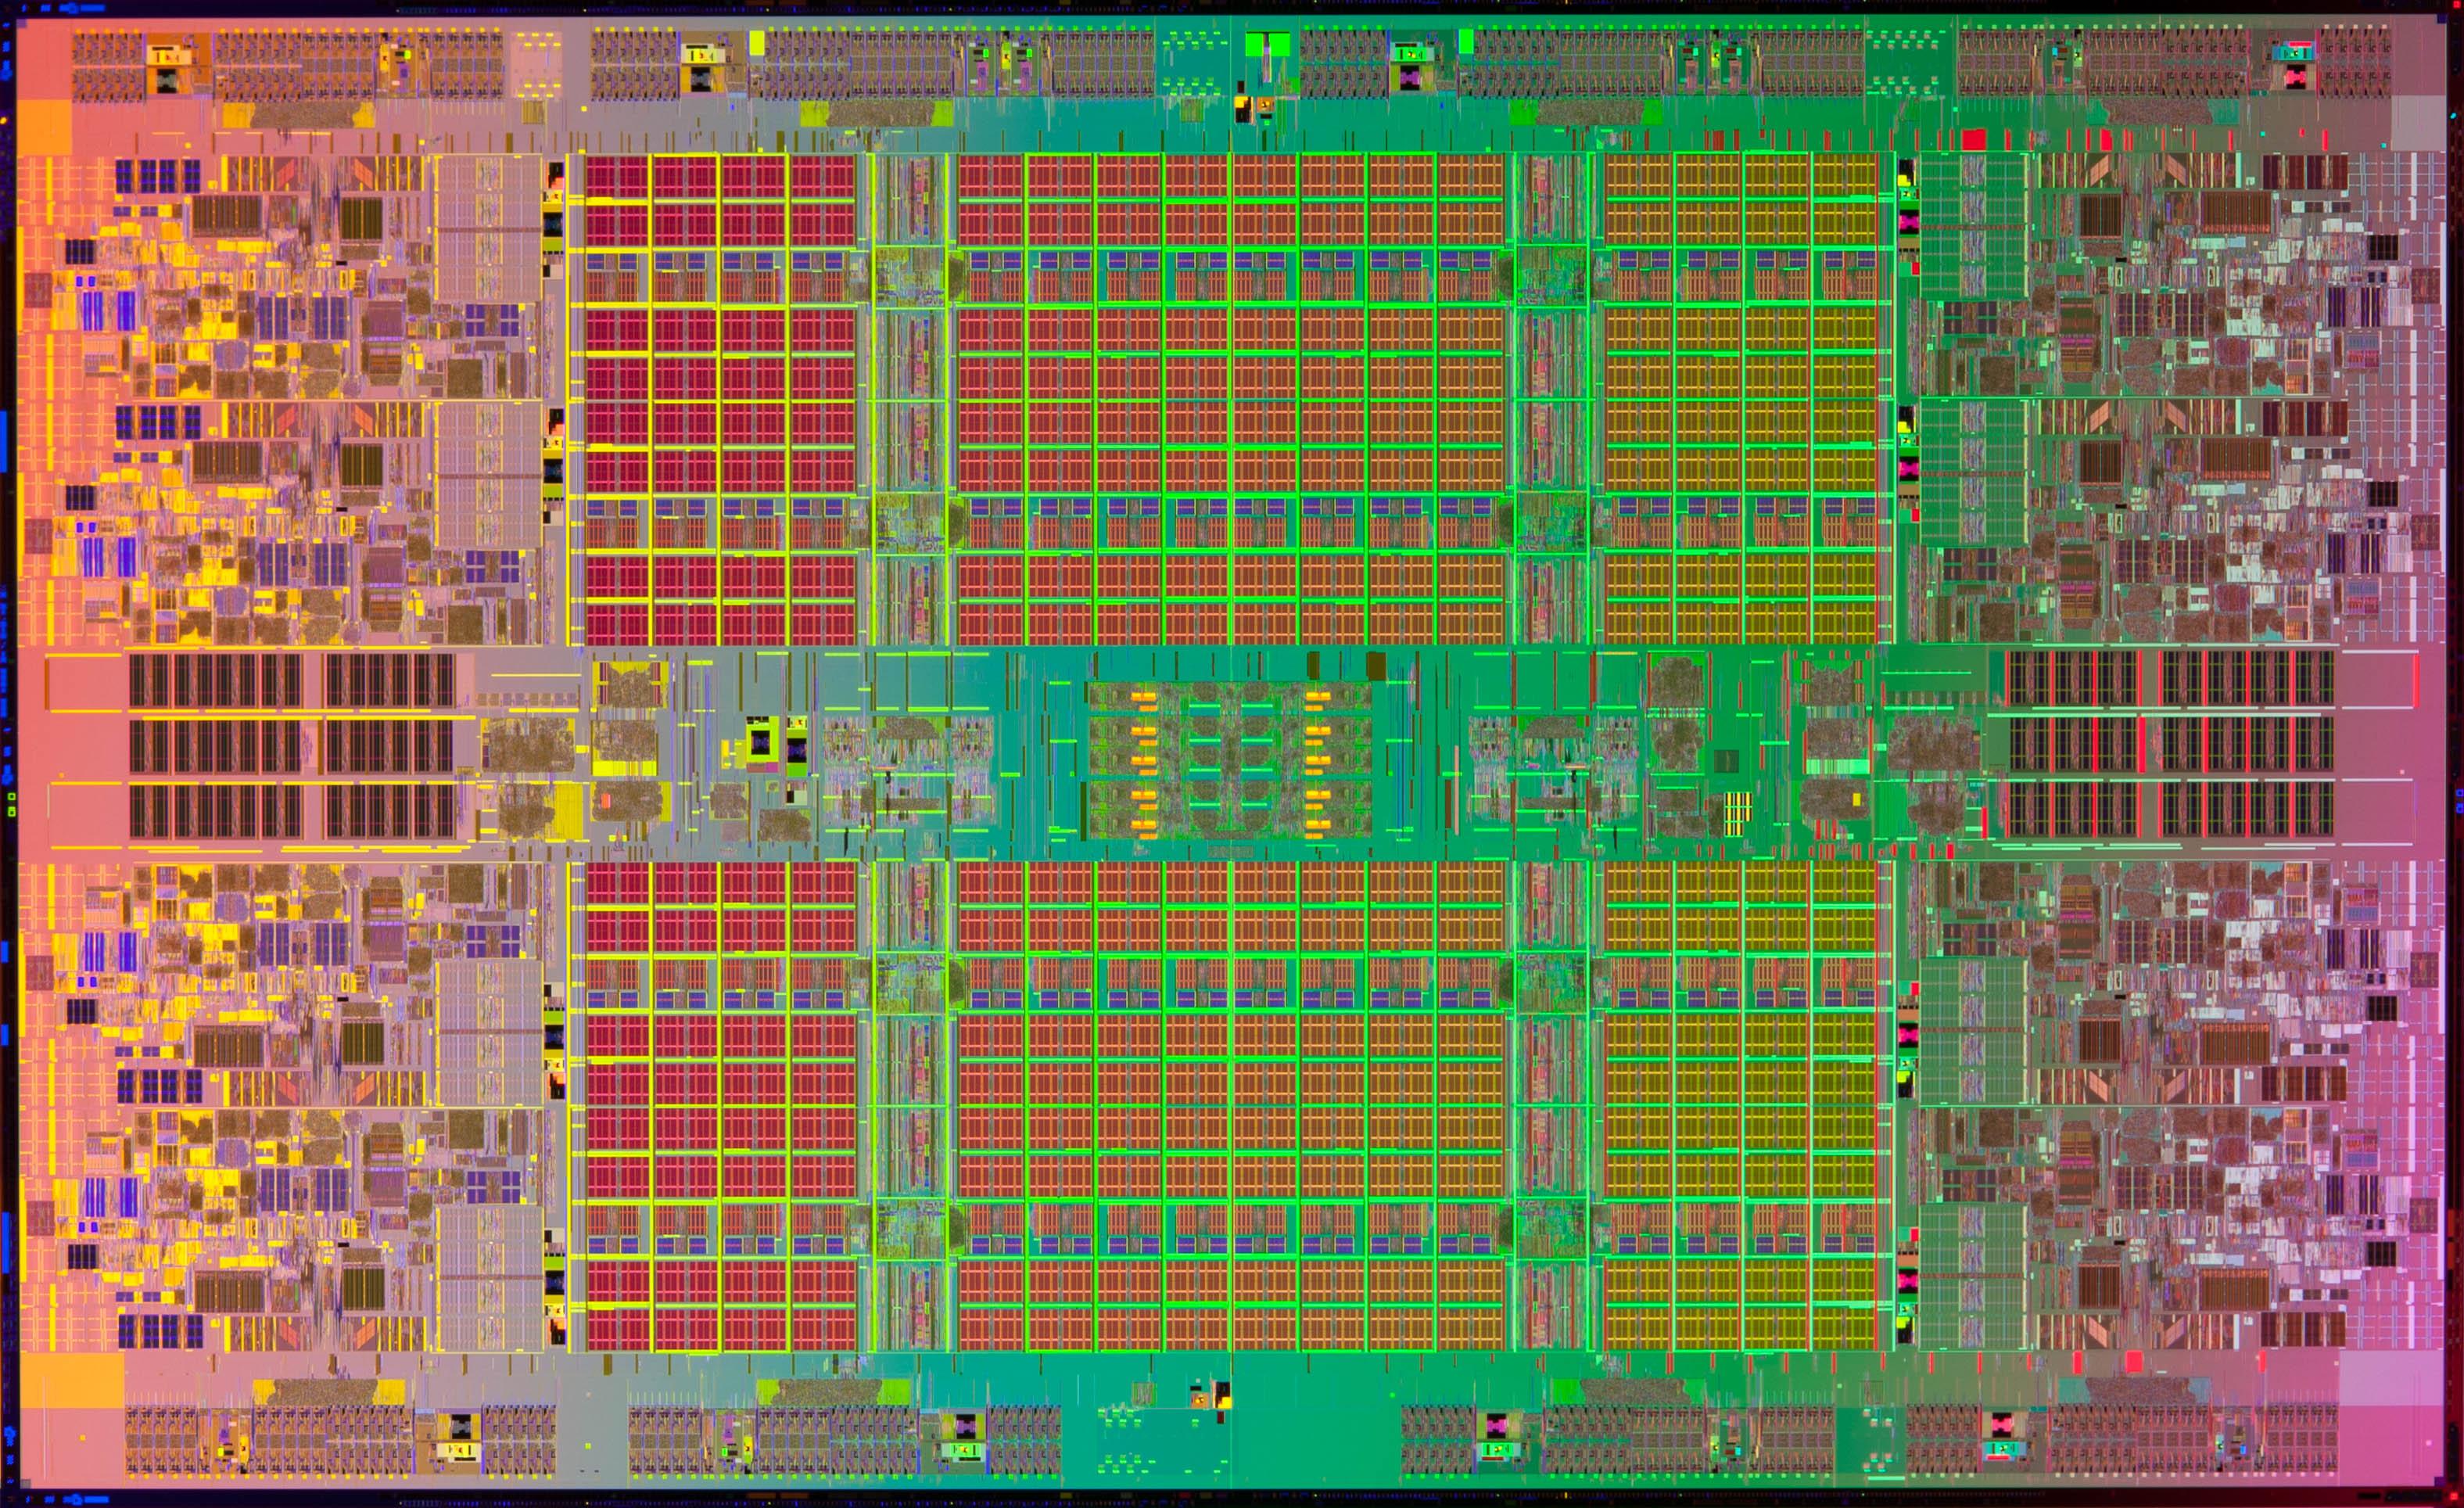 Intel-Itanium-Processor-9500_11.jpg